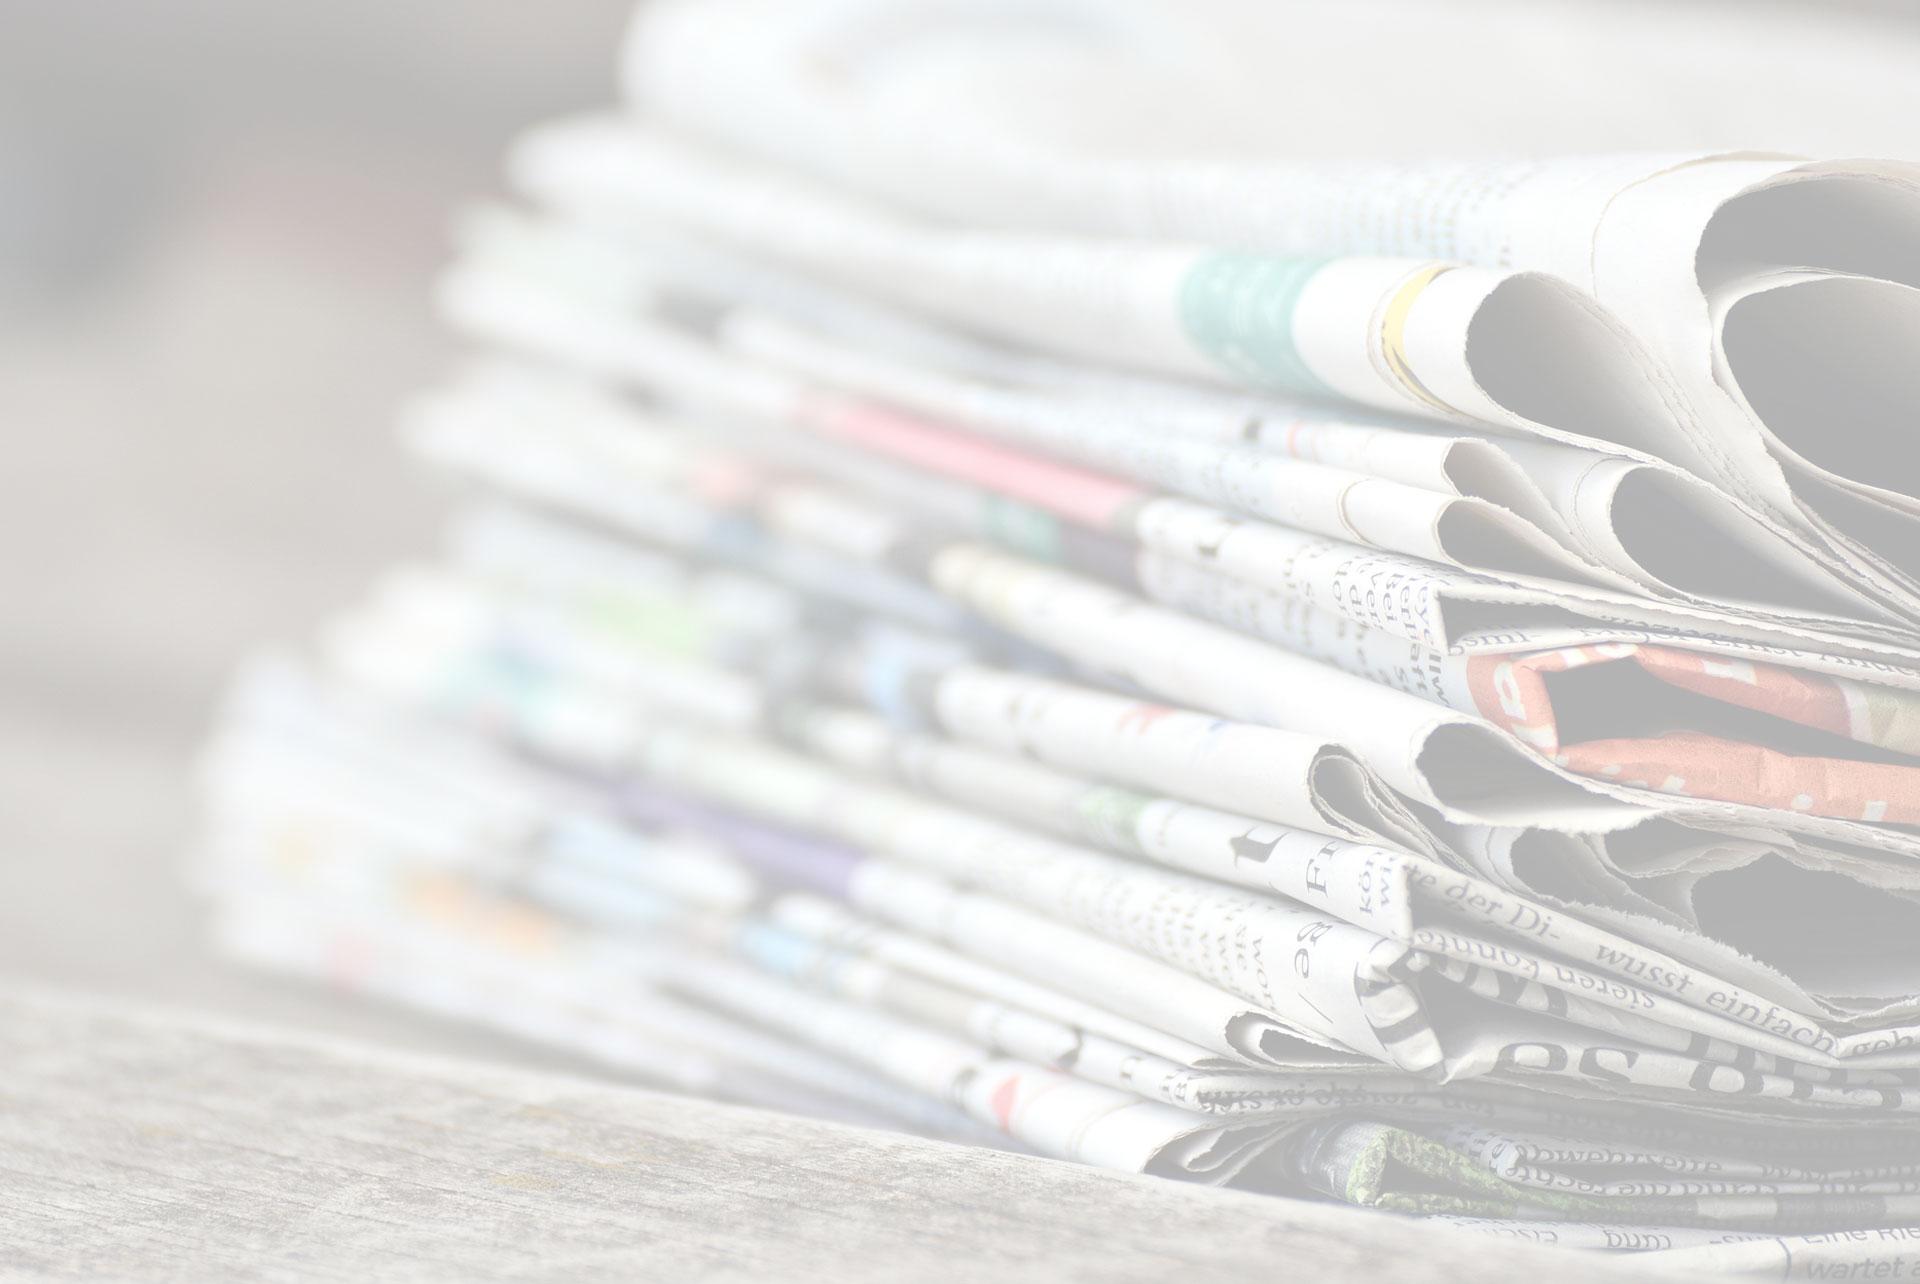 Cartina Dettagliata Roma.Ecopass A Roma Dal 2020 Come Funziona E La Mappa Delle Zone Limitate